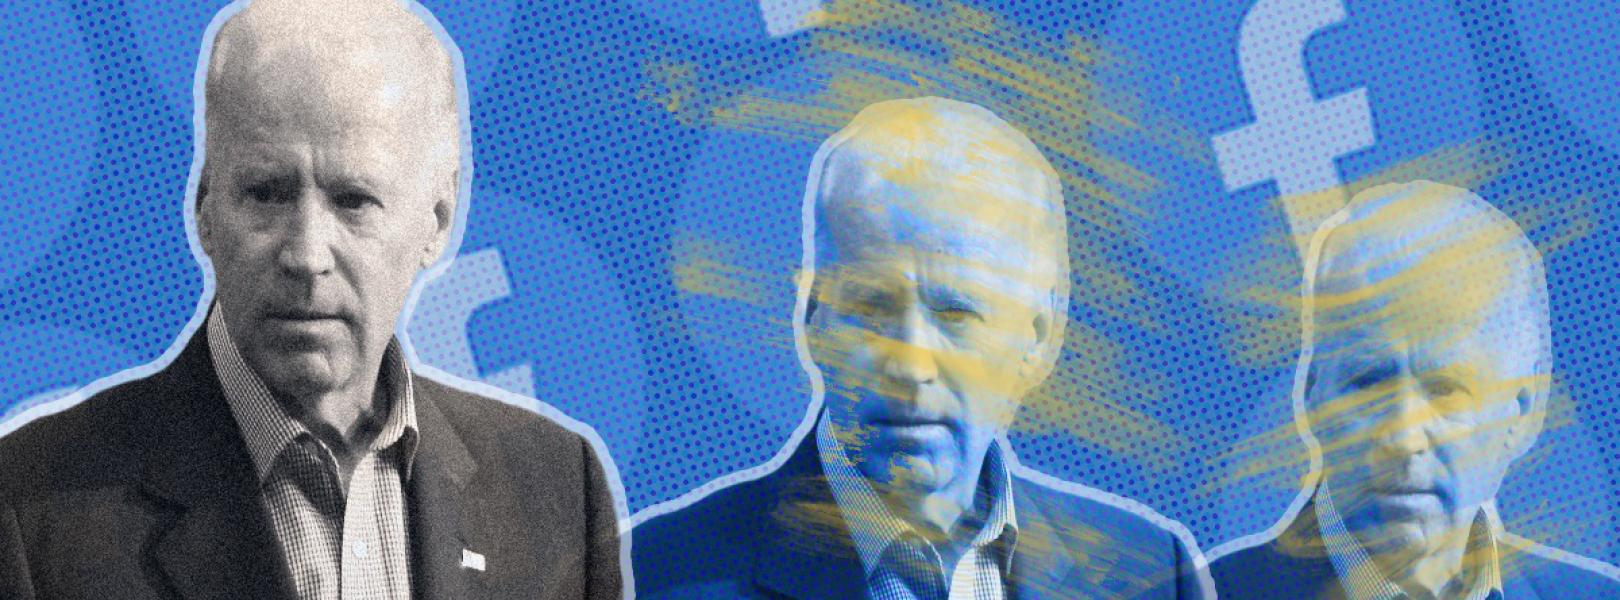 Generic Biden and Facebook